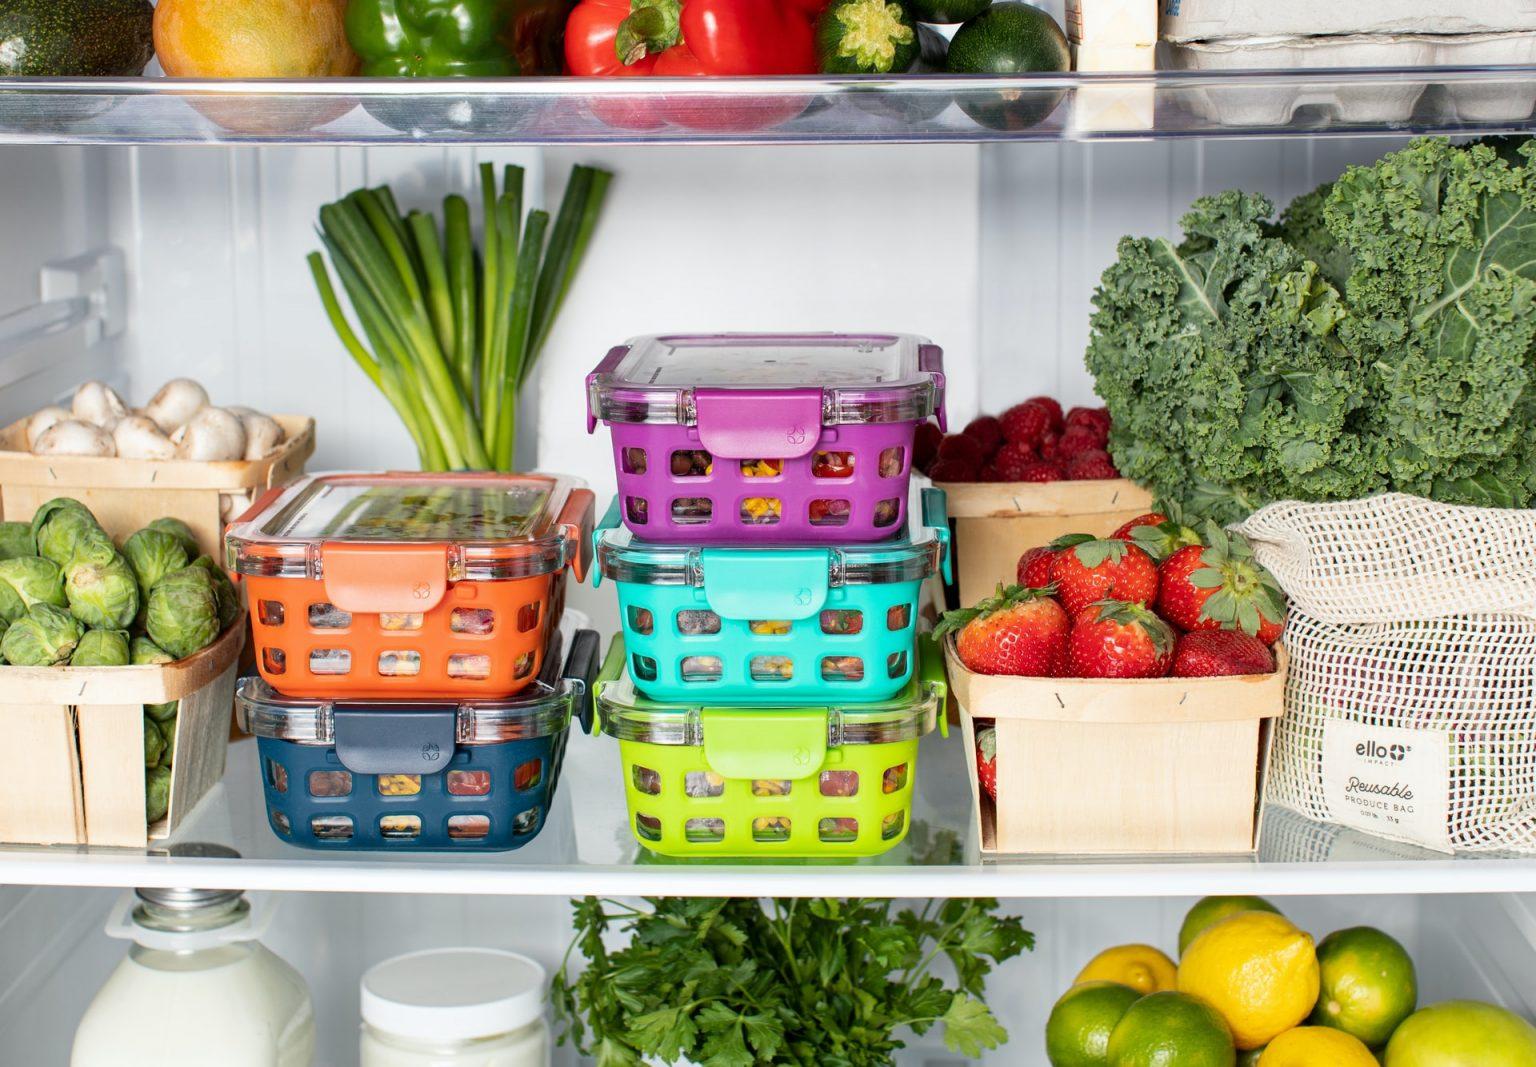 huevos dentro de refrigerador